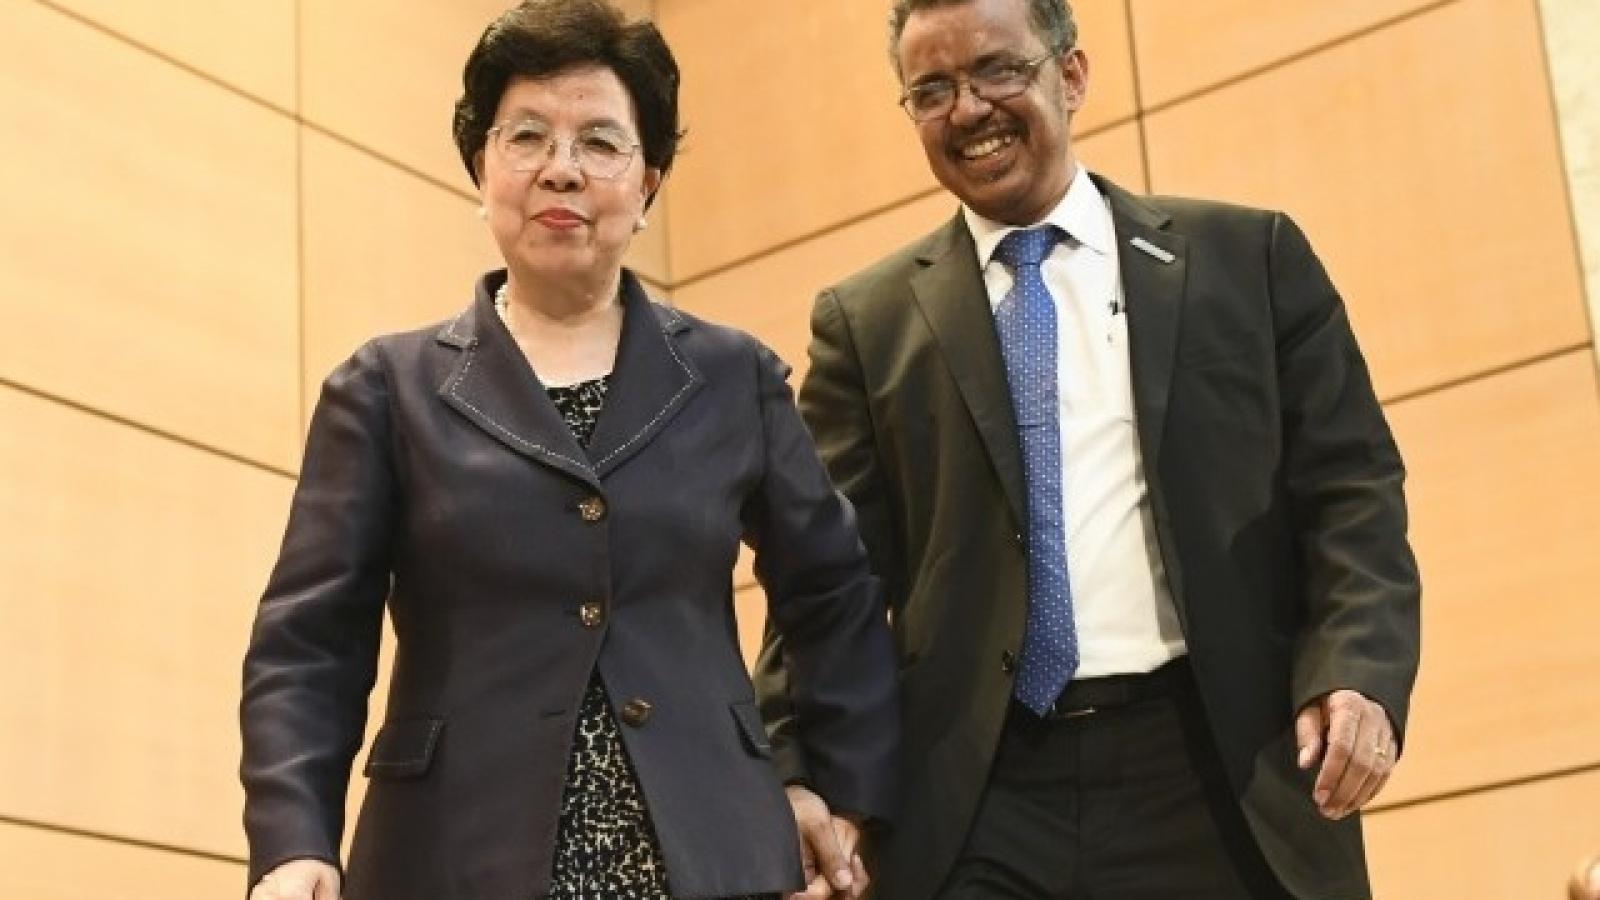 """Mối quan hệ """"gần gũi"""" giữa Trung Quốc và 2 Tổng giám đốc WHO"""